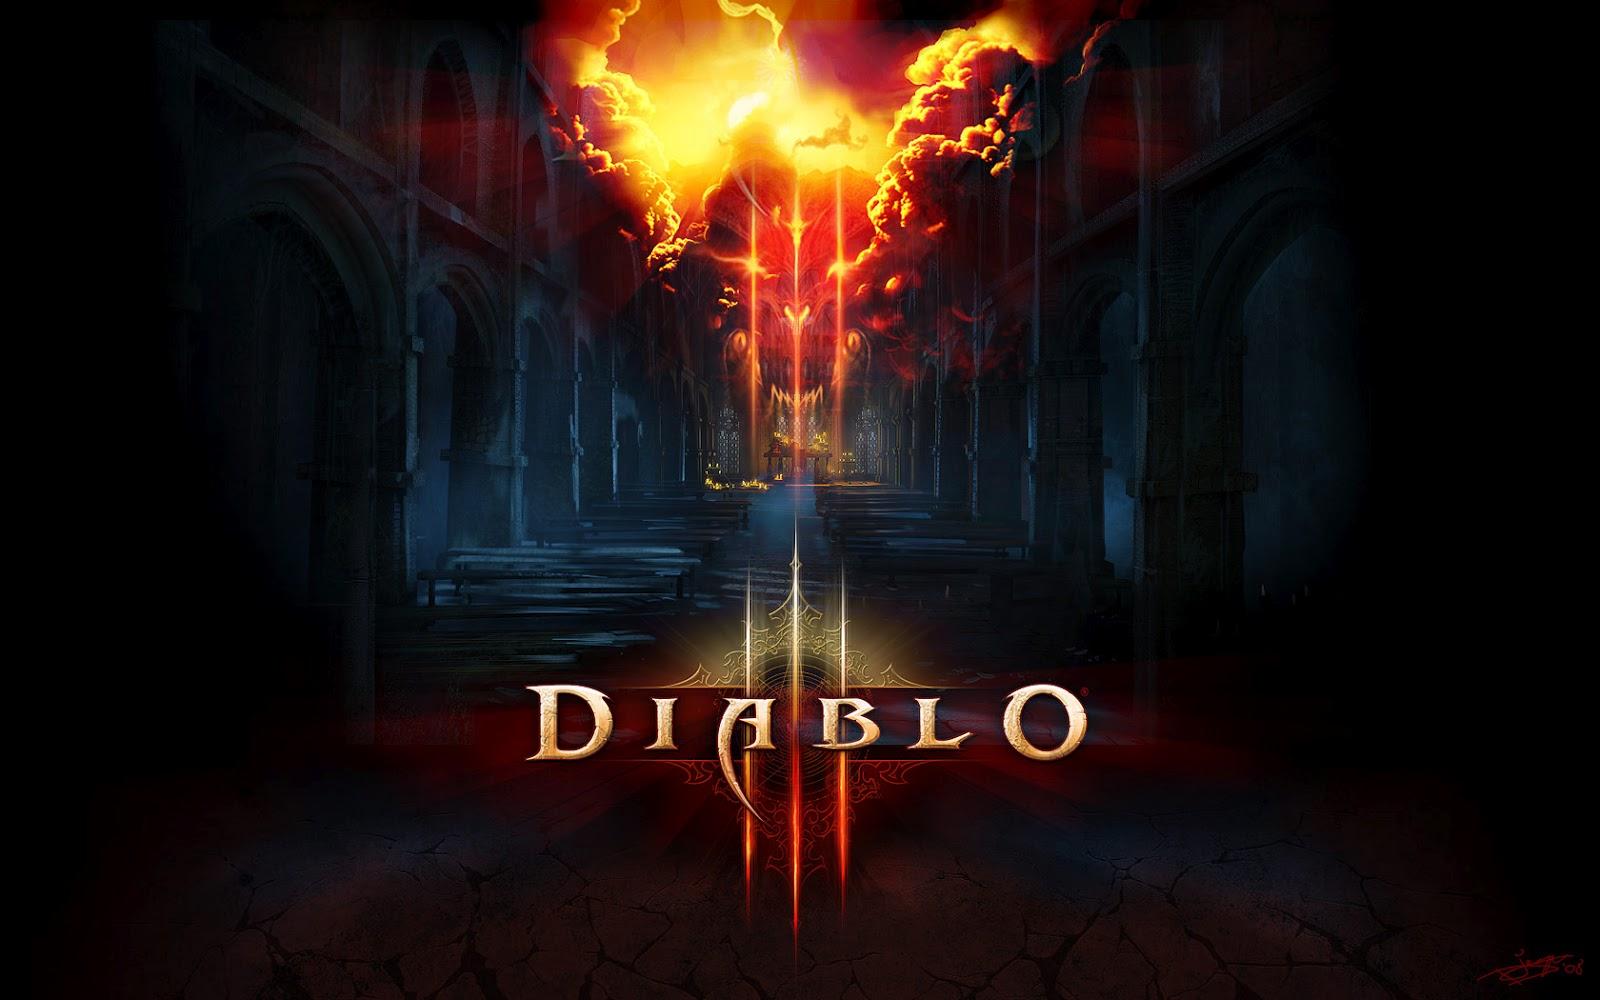 http://1.bp.blogspot.com/-nQt1kYJwj2M/UEHsTtxlr-I/AAAAAAAAD2I/NHcwn69zzPw/s1600/Diablo_3_wallpaper_10_by_Diesp.jpg